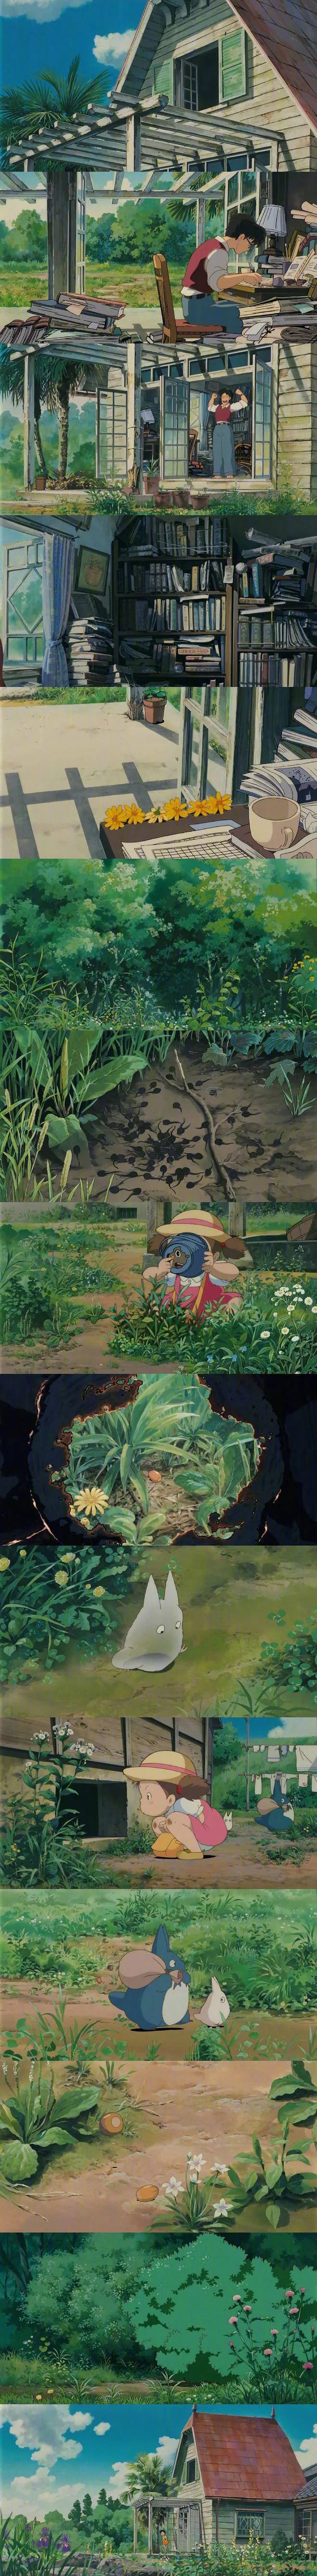 那些年宫崎骏带给我们的美好!动画壁纸特辑_图片 No.8